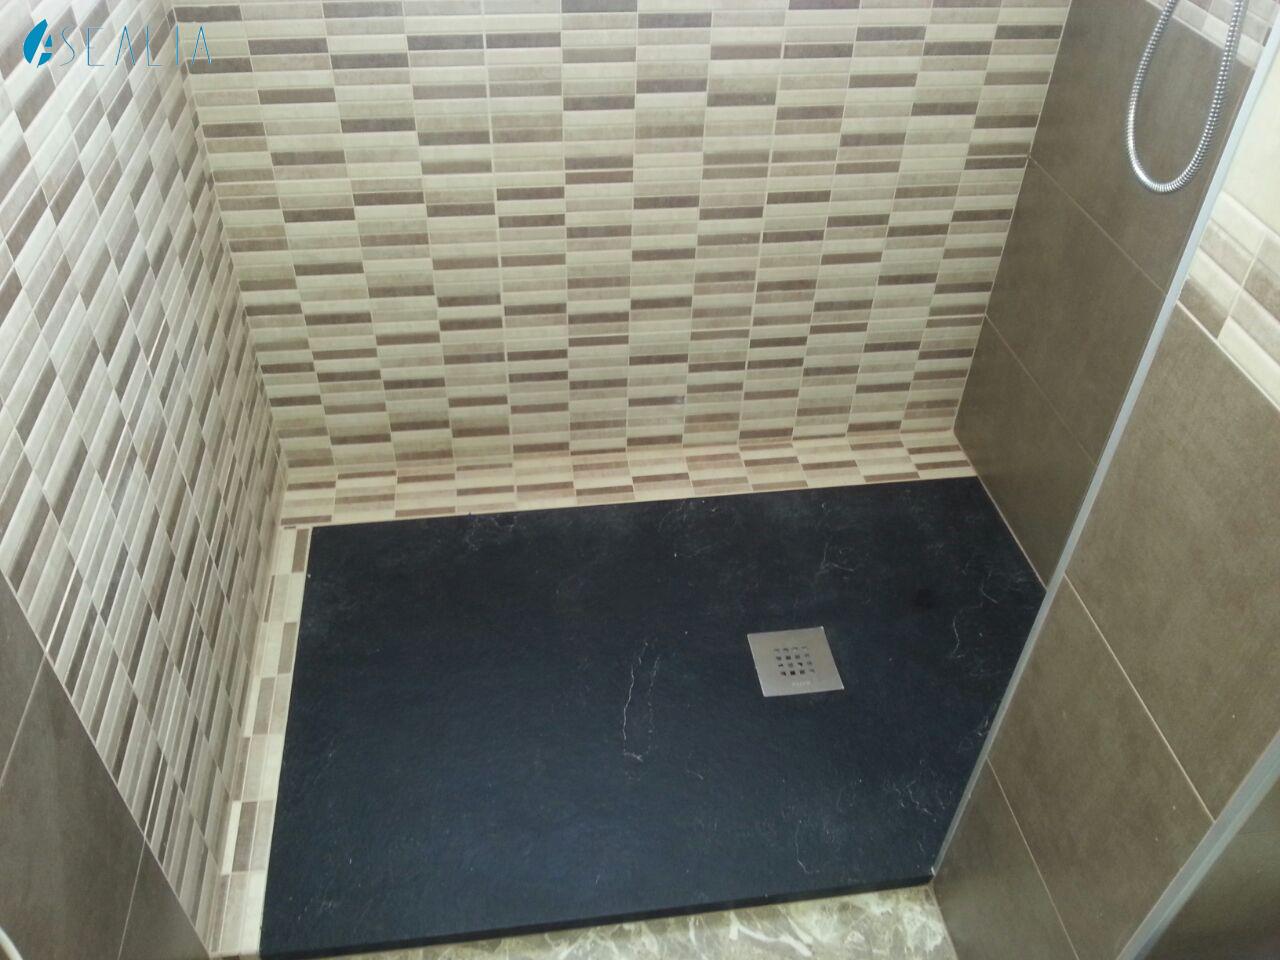 Baños Con Ducha El Mueble:baño asealia Sorteo Asealia mueble auxiliar de baño platos de ducha